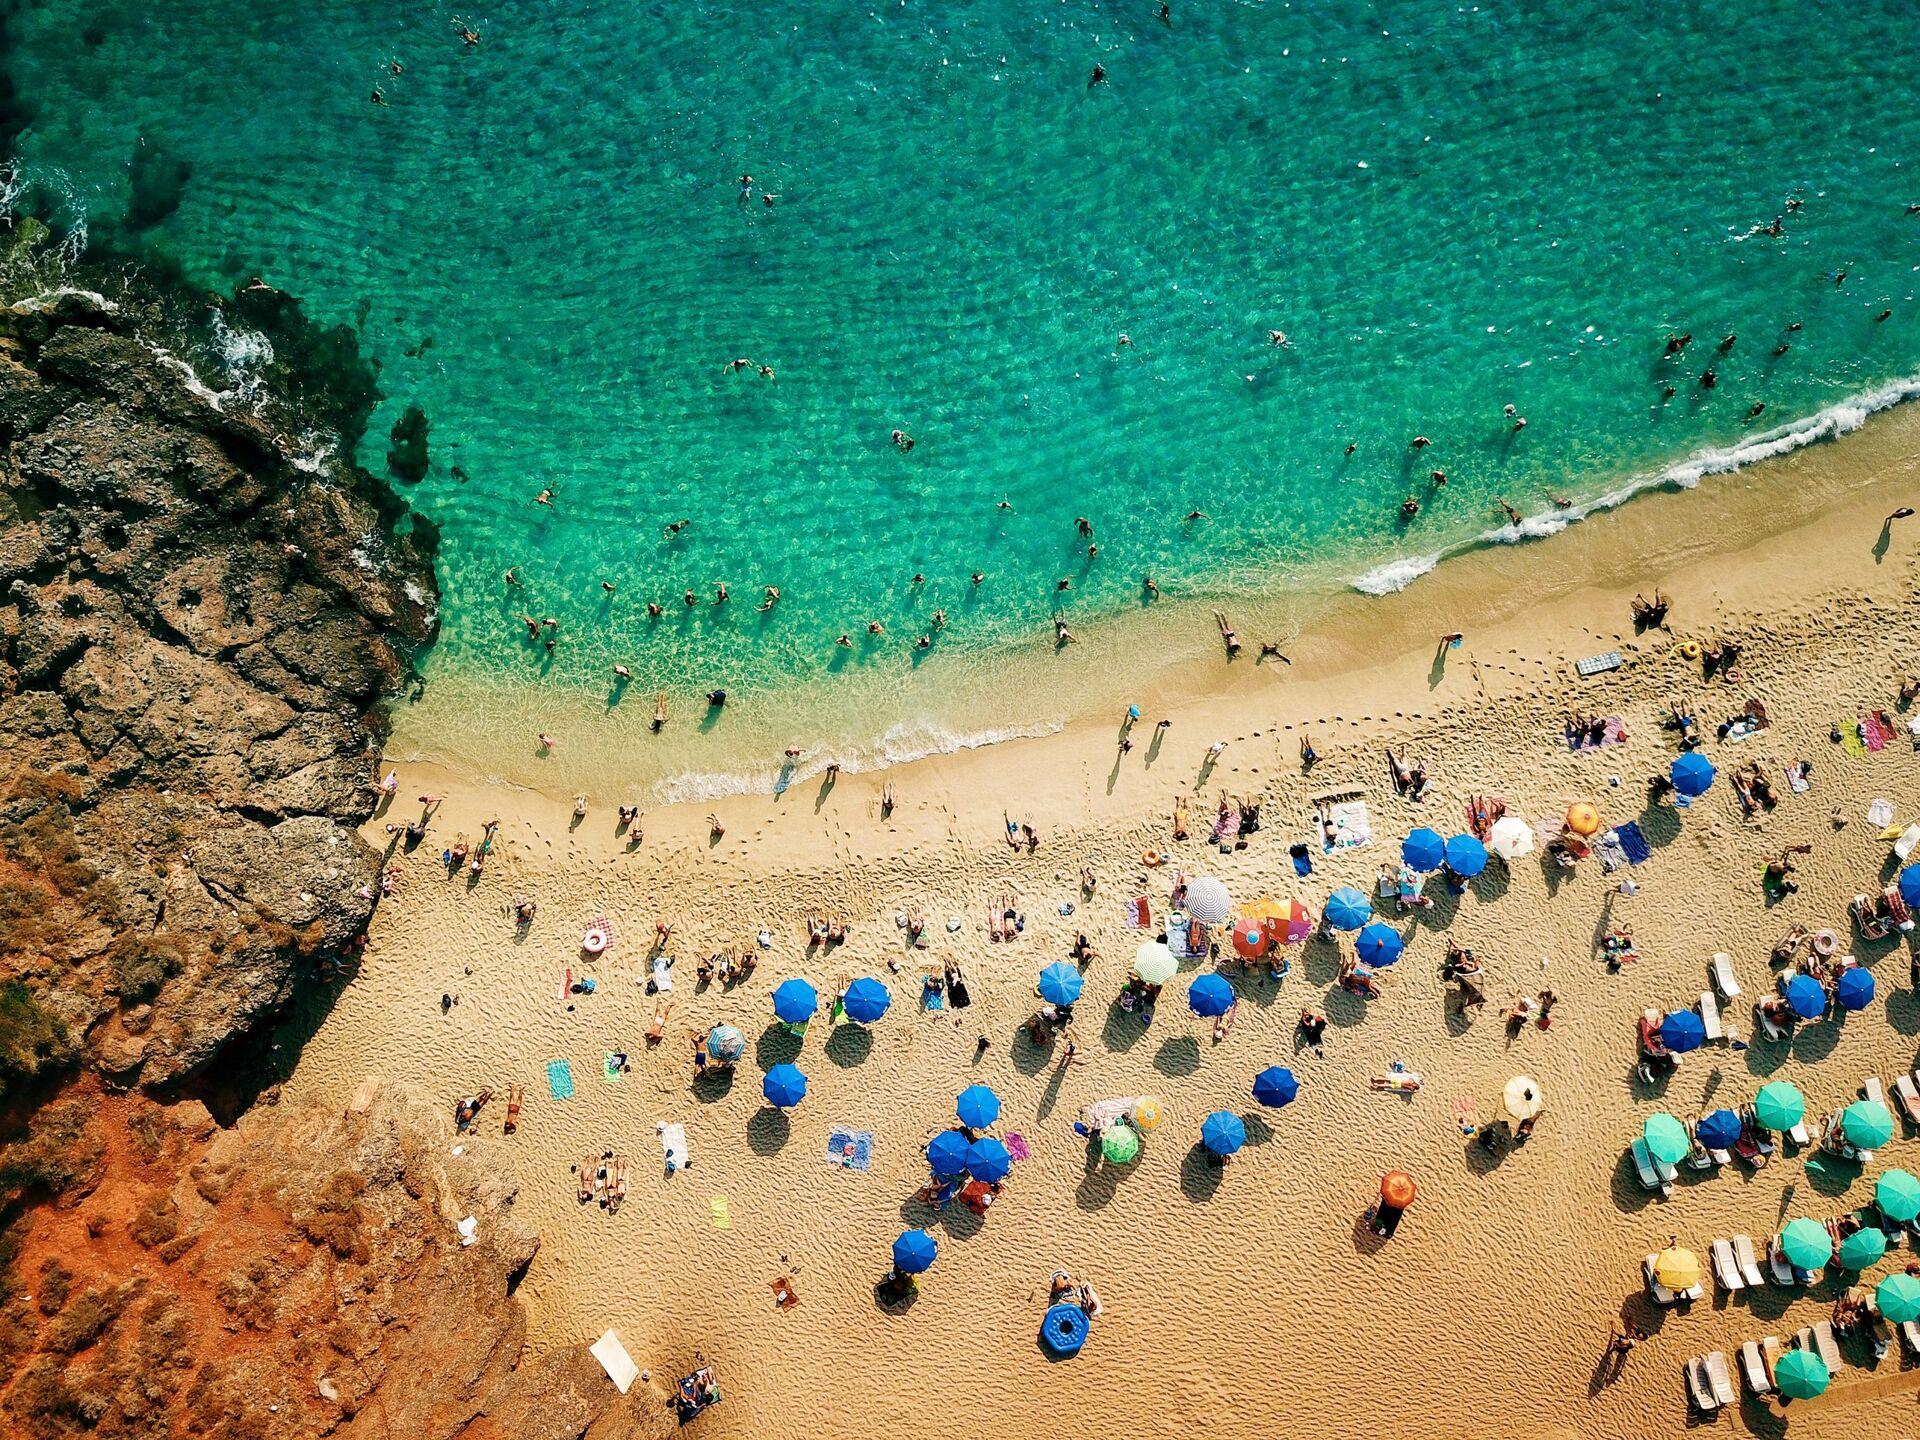 Буди се туризам: Срби већ бирају плаже у Грчкој – за које још земље се спремају аранжмани - Sputnik Србија, 1920, 02.04.2021